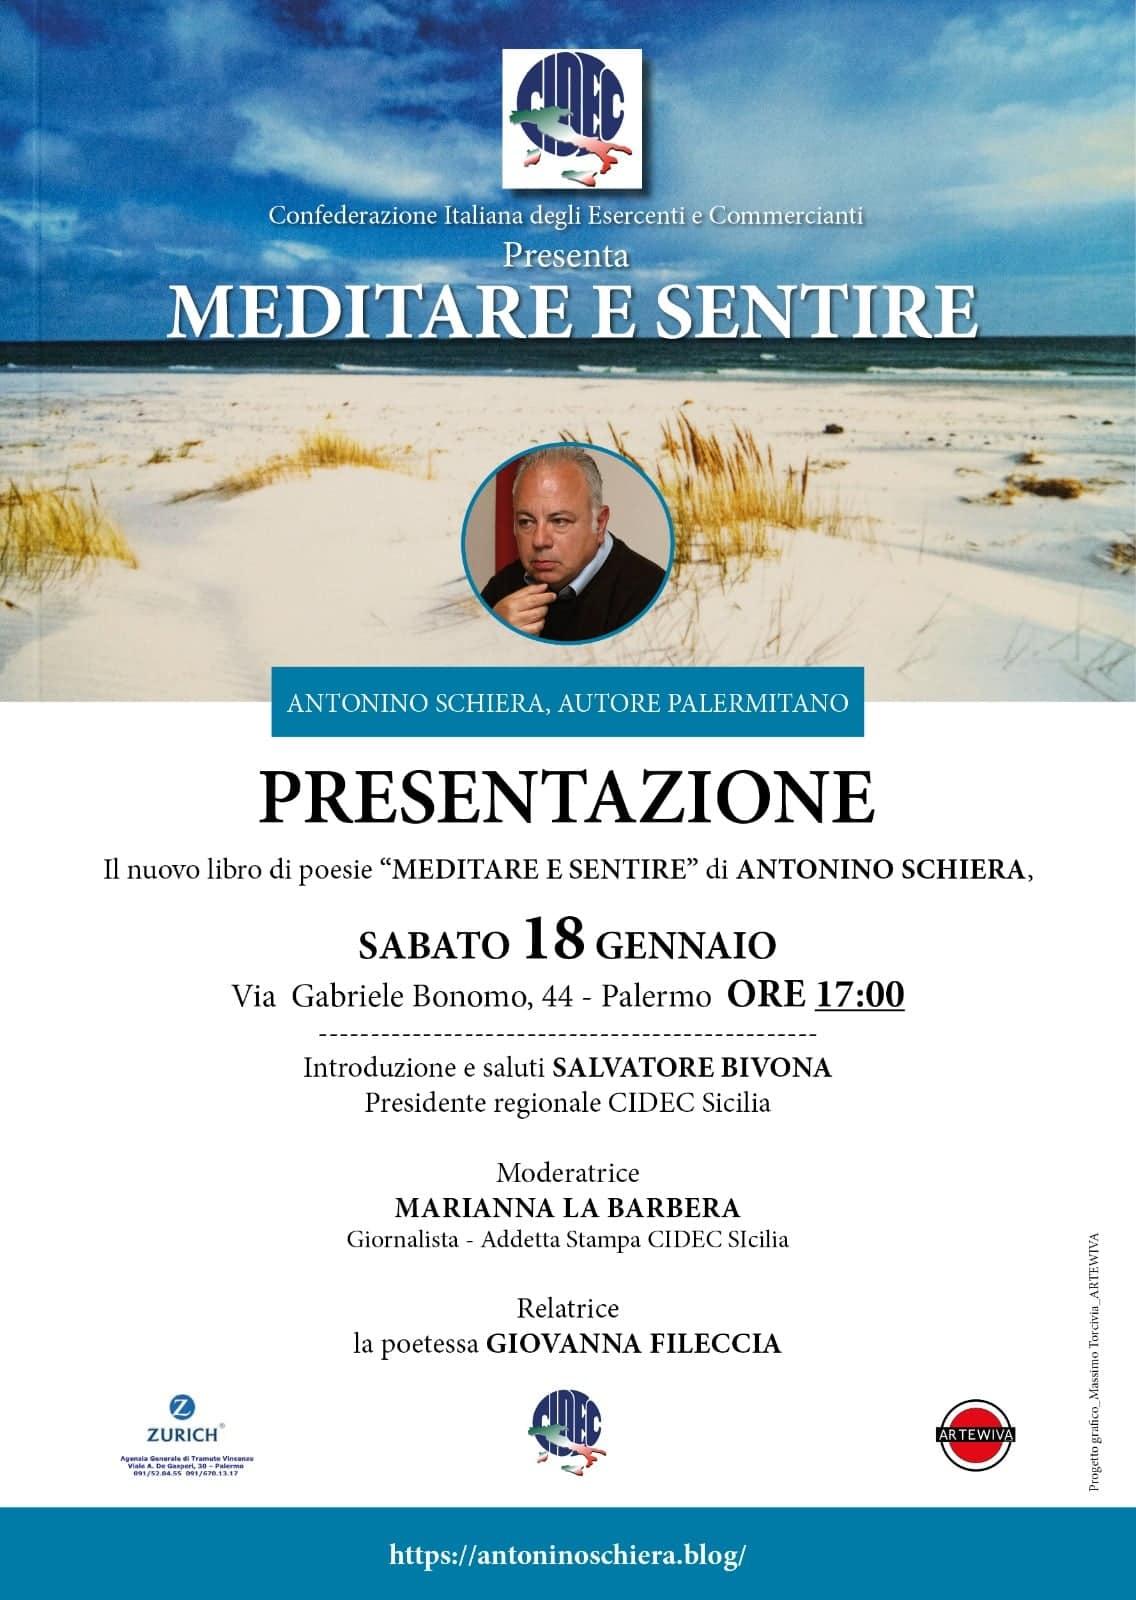 """La Cidec Sicilia promuove i talenti letterari, sabato 18 gennaio a Palermo il poeta Antonino Schiera presenta la raccolta """"meditare e sentire"""""""